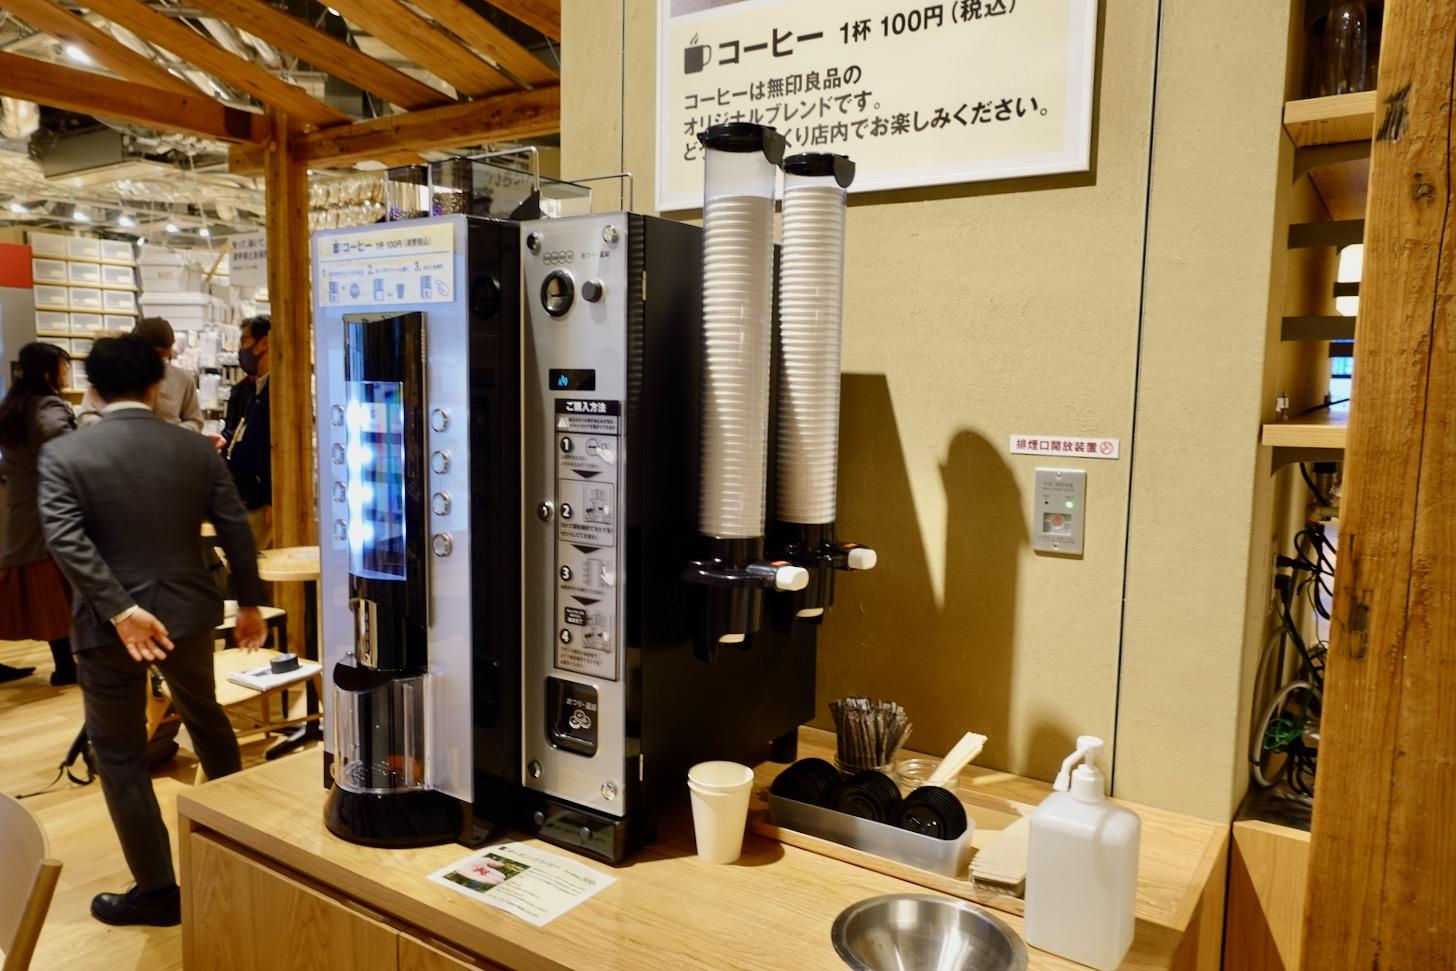 無印良品のオリジナルブレンドコーヒーが1杯100円(カフェインレスも100円!)で飲める自販機